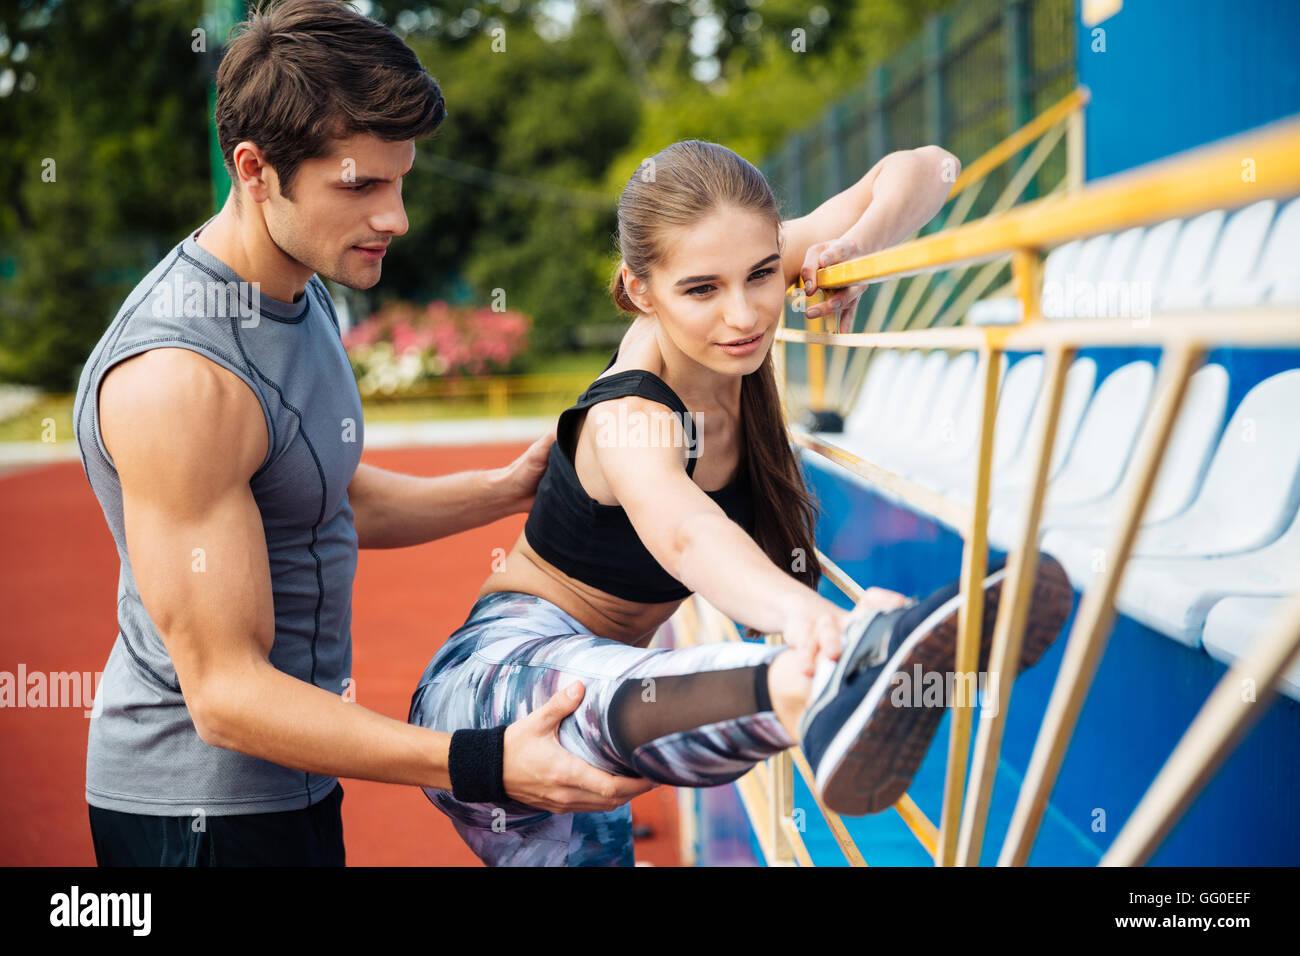 Carino donna giovane atleta lavora con personal trainer su stadium Immagini Stock